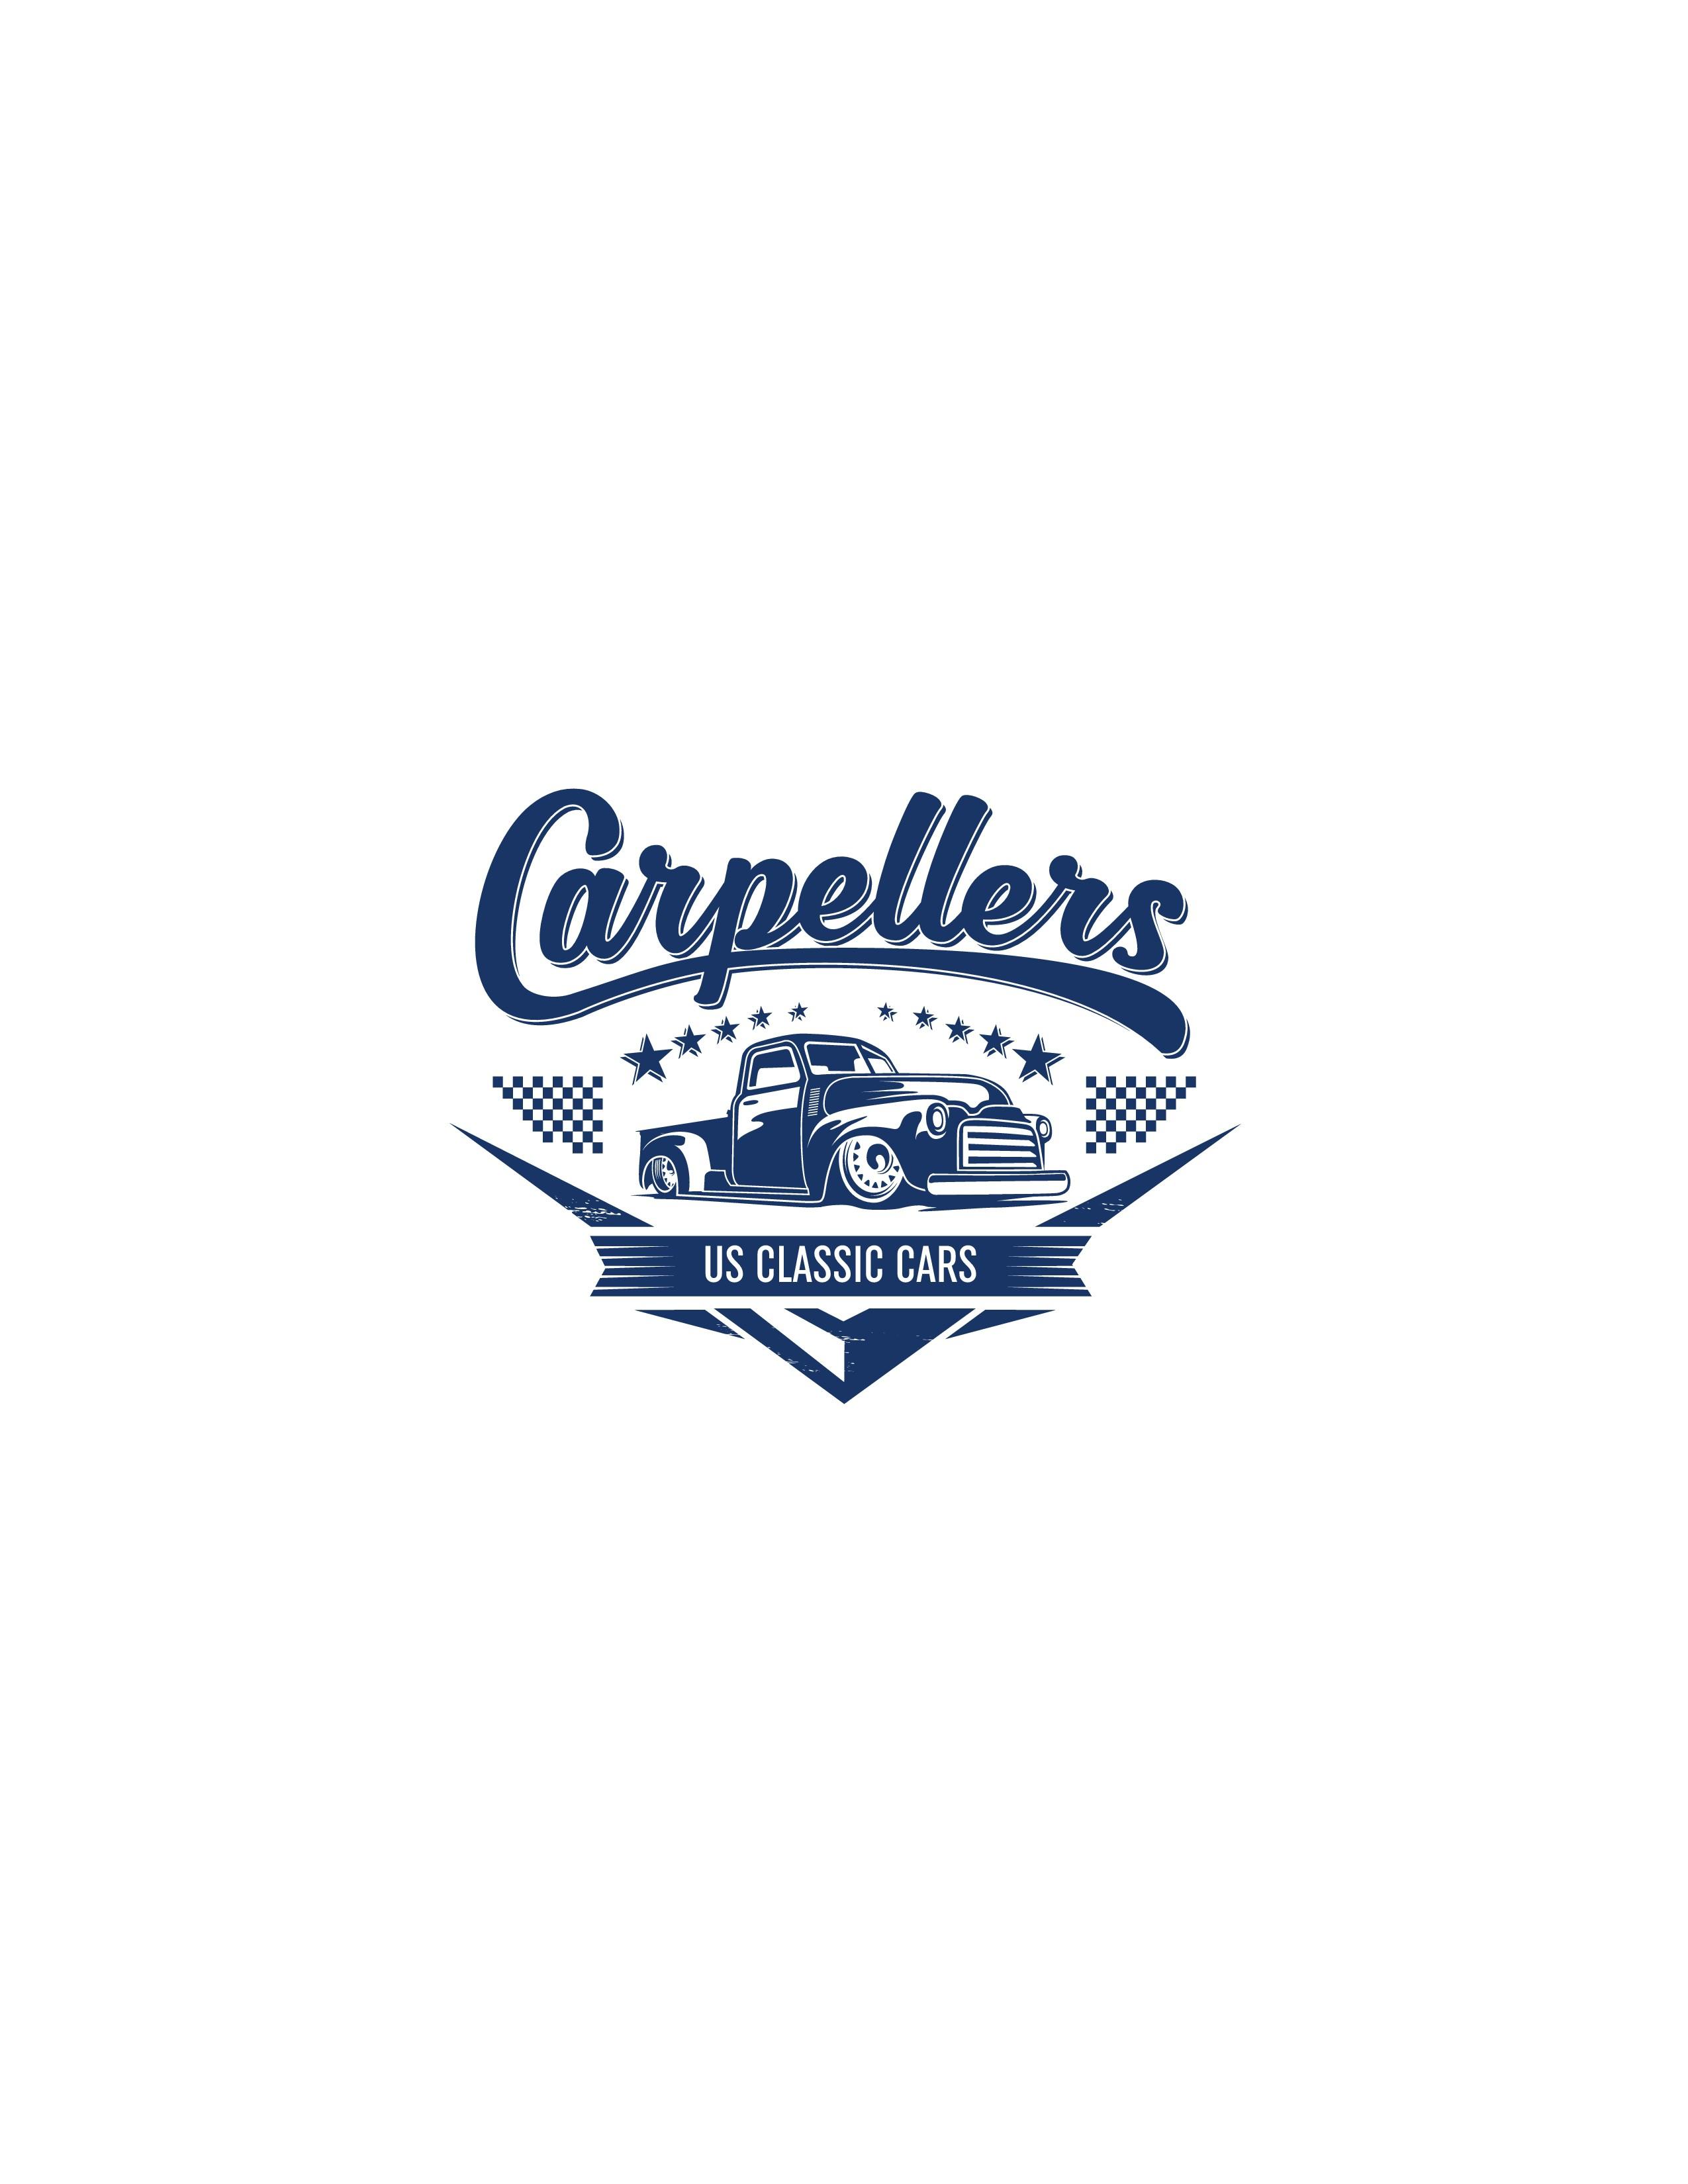 Erstellt ein cooles Logo - so cool wie amerikanische Klassiker